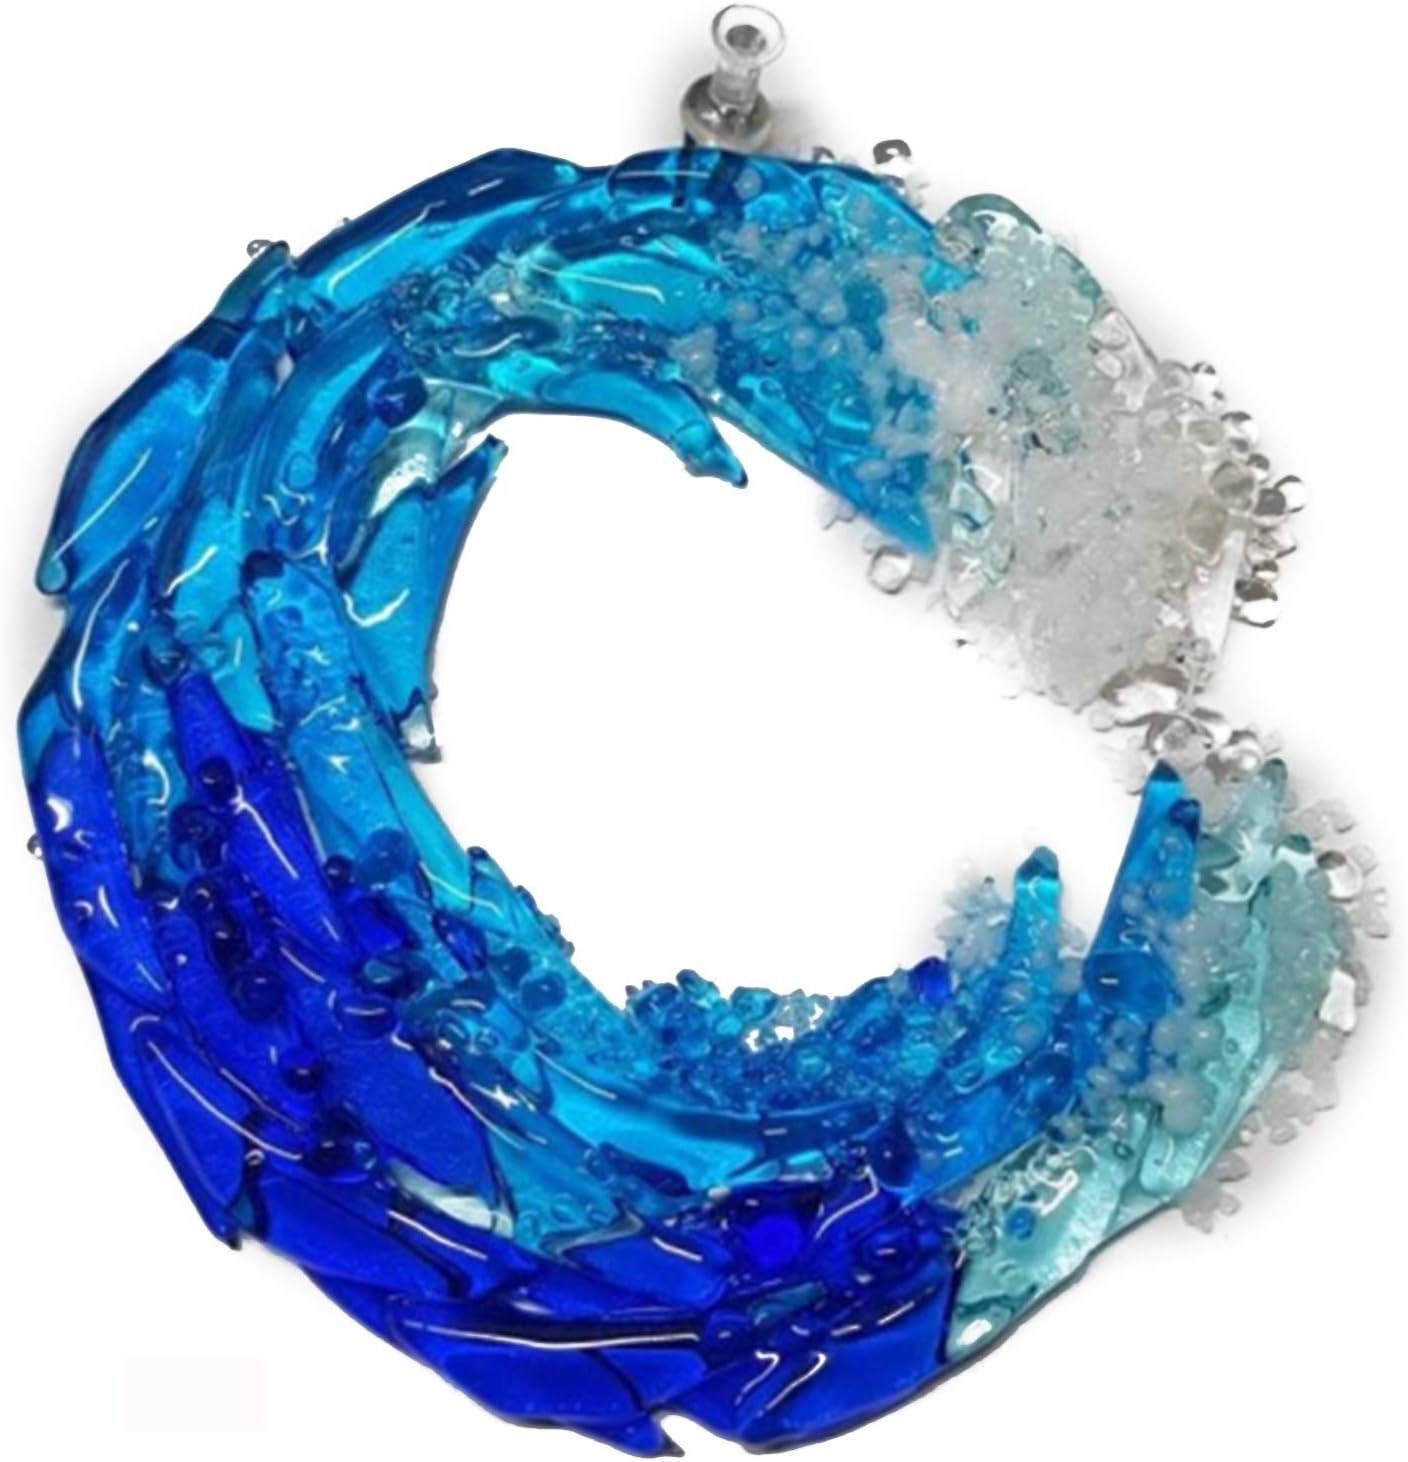 Blair Molten Glass Decor 5//8inch Ocean Suncatcher Ornament Glass Wave Sun Catcher Wall Hanging Gift for Home Office Car